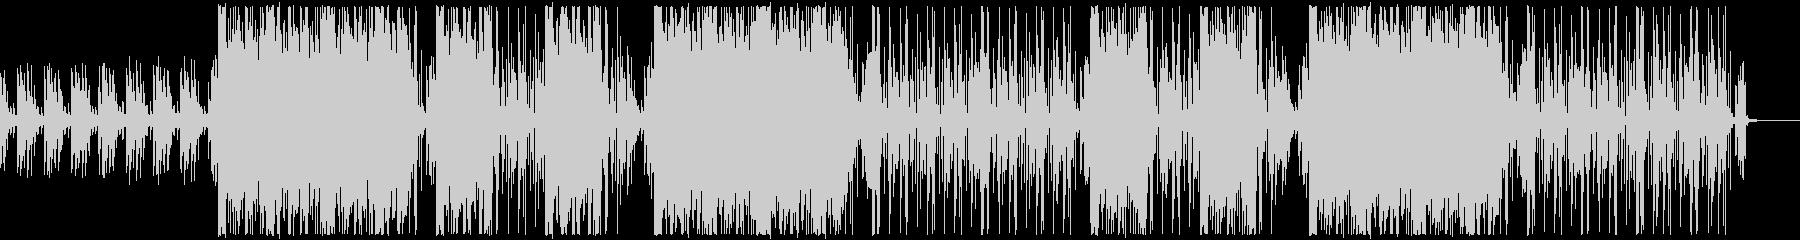 重低音・カッコイイ・クラブ系の未再生の波形